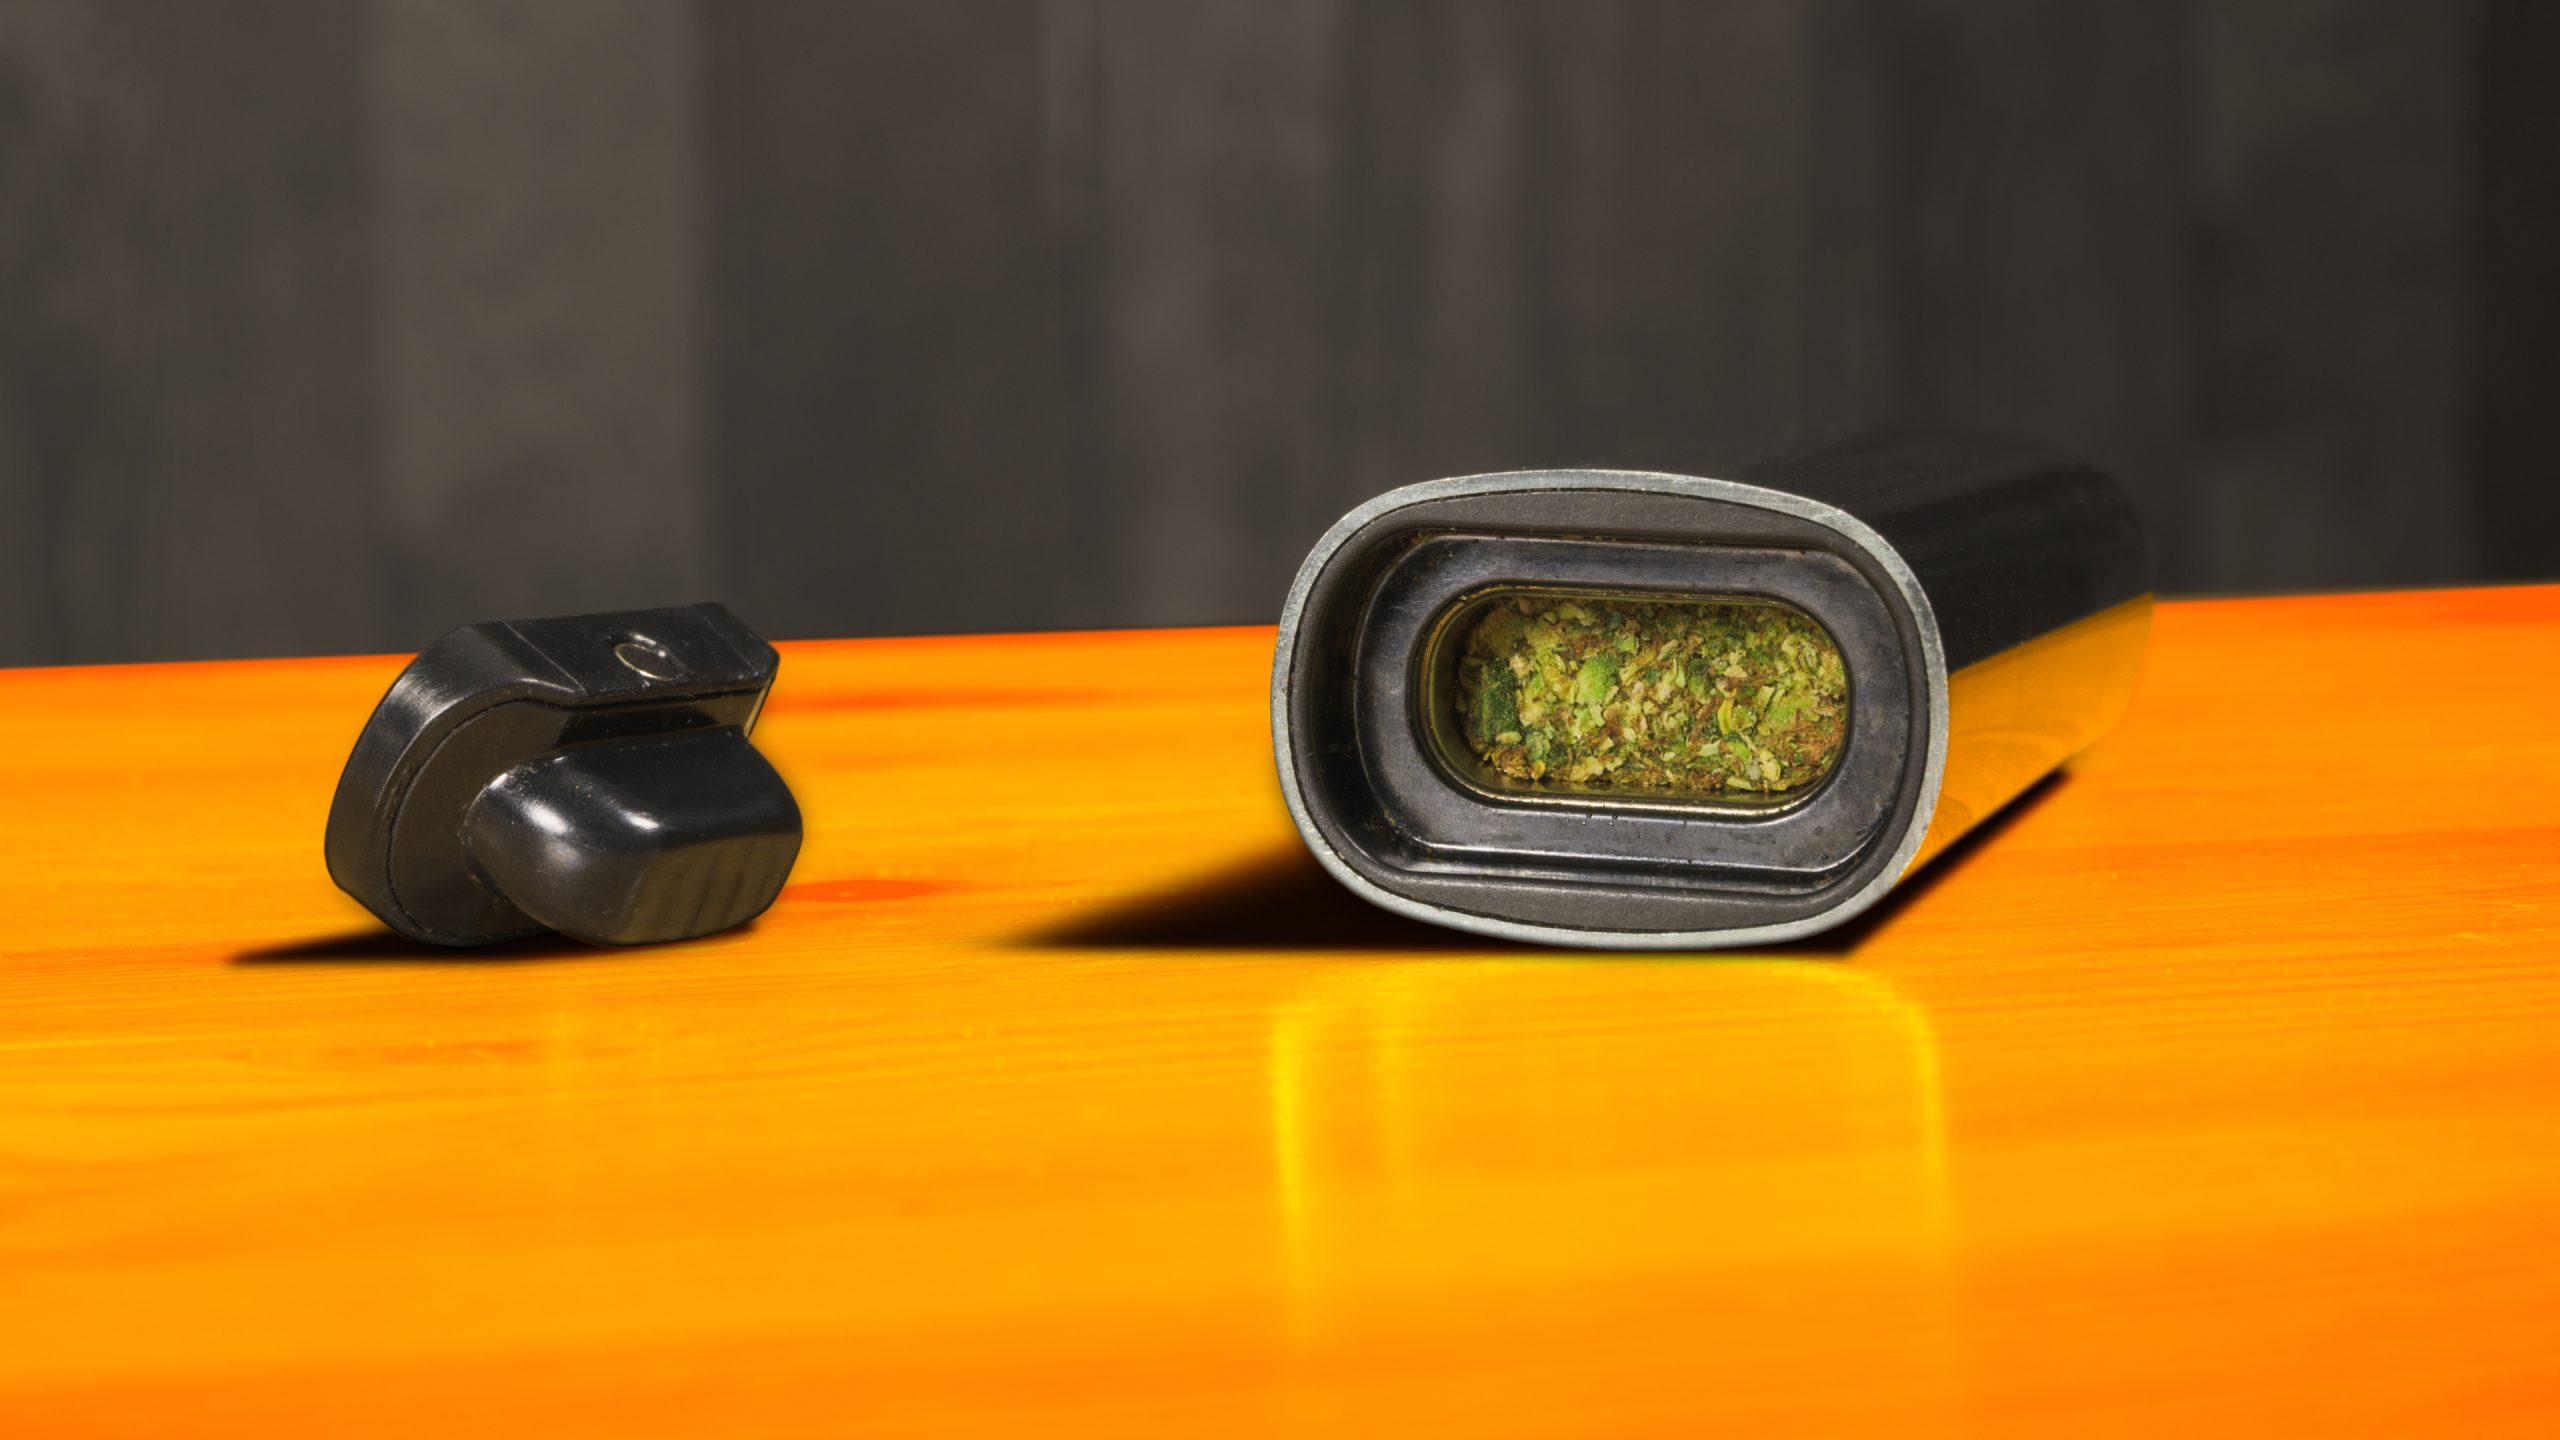 Inkijkje op de PAX 3 vaporizer, reeds gevuld met wat vergruisde en aangestampte cannabis.